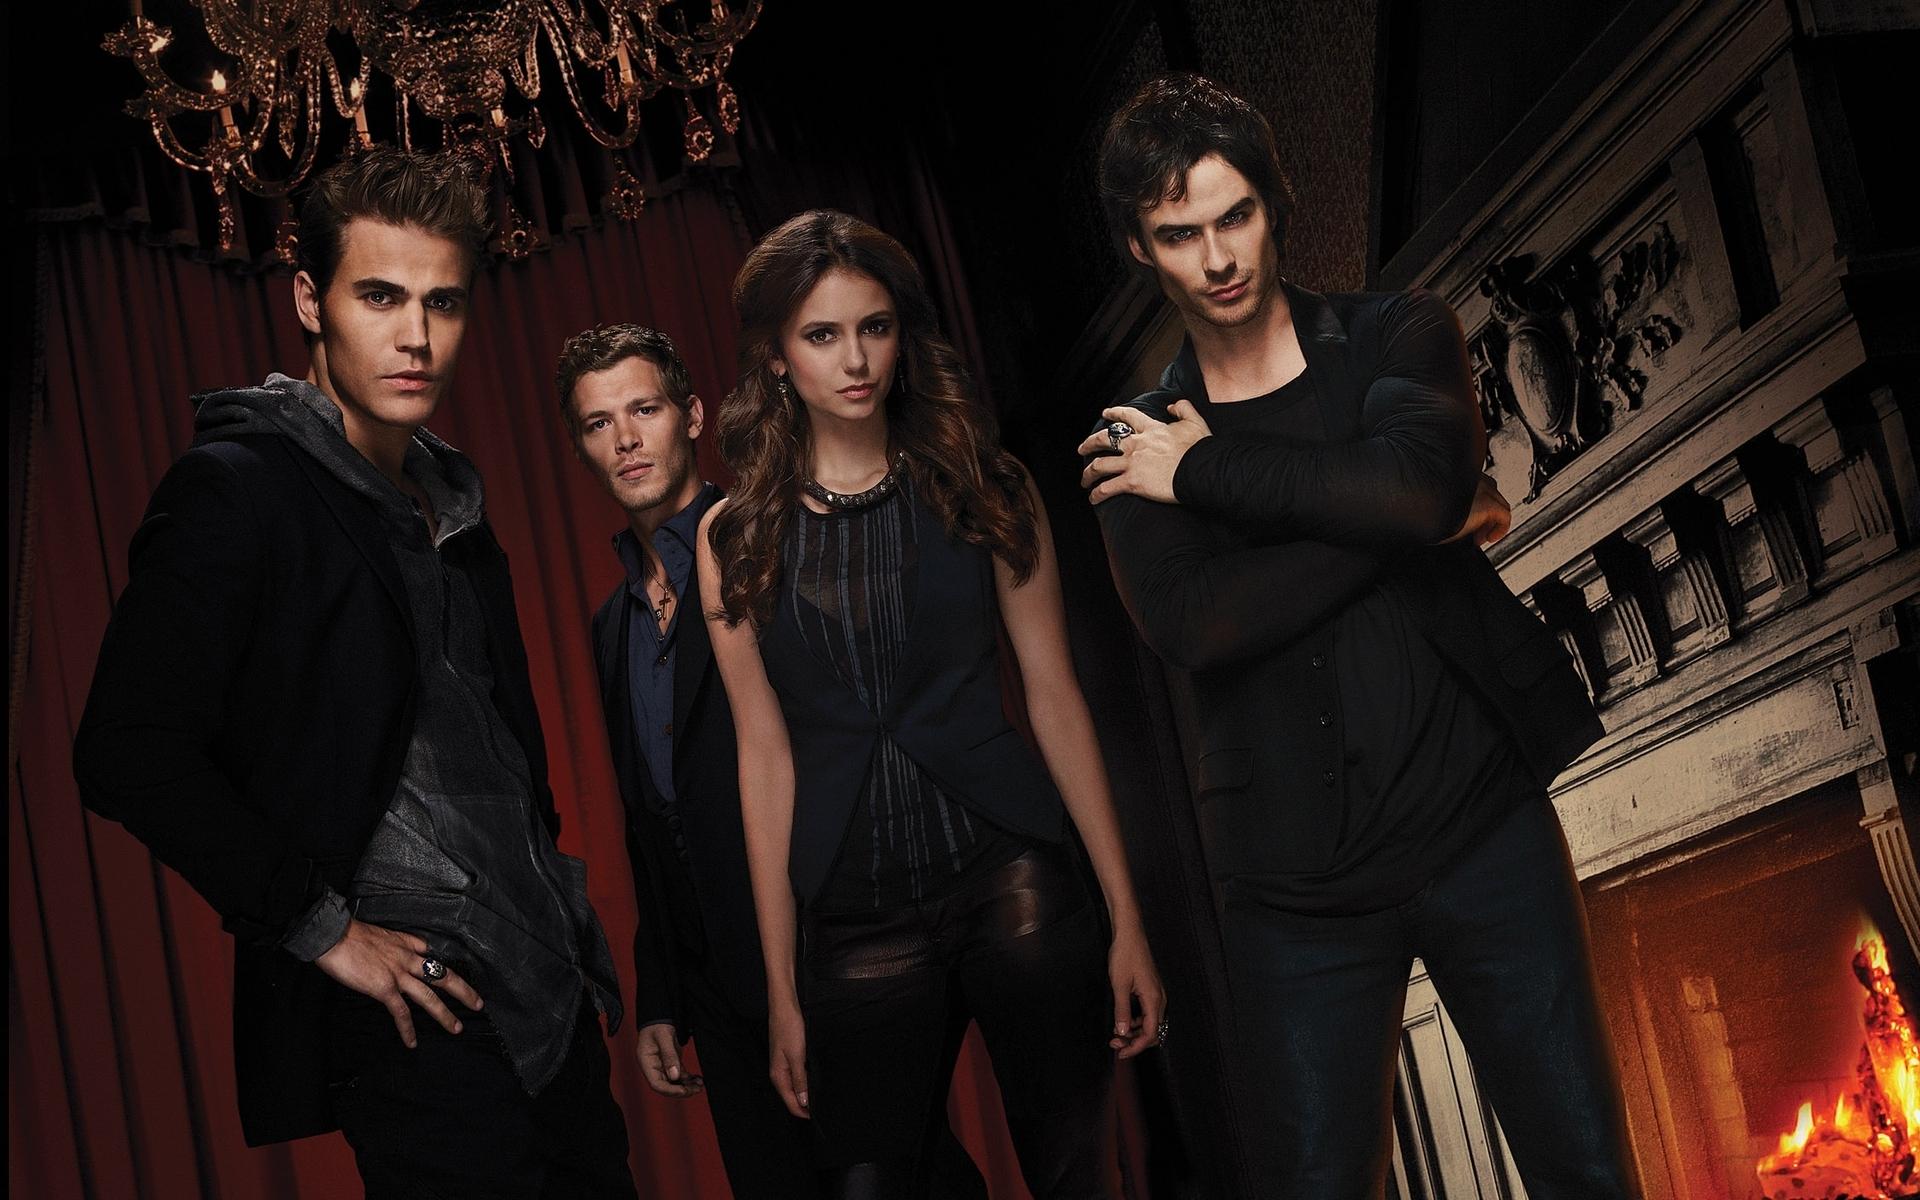 vampire diaries wallpaper 12136